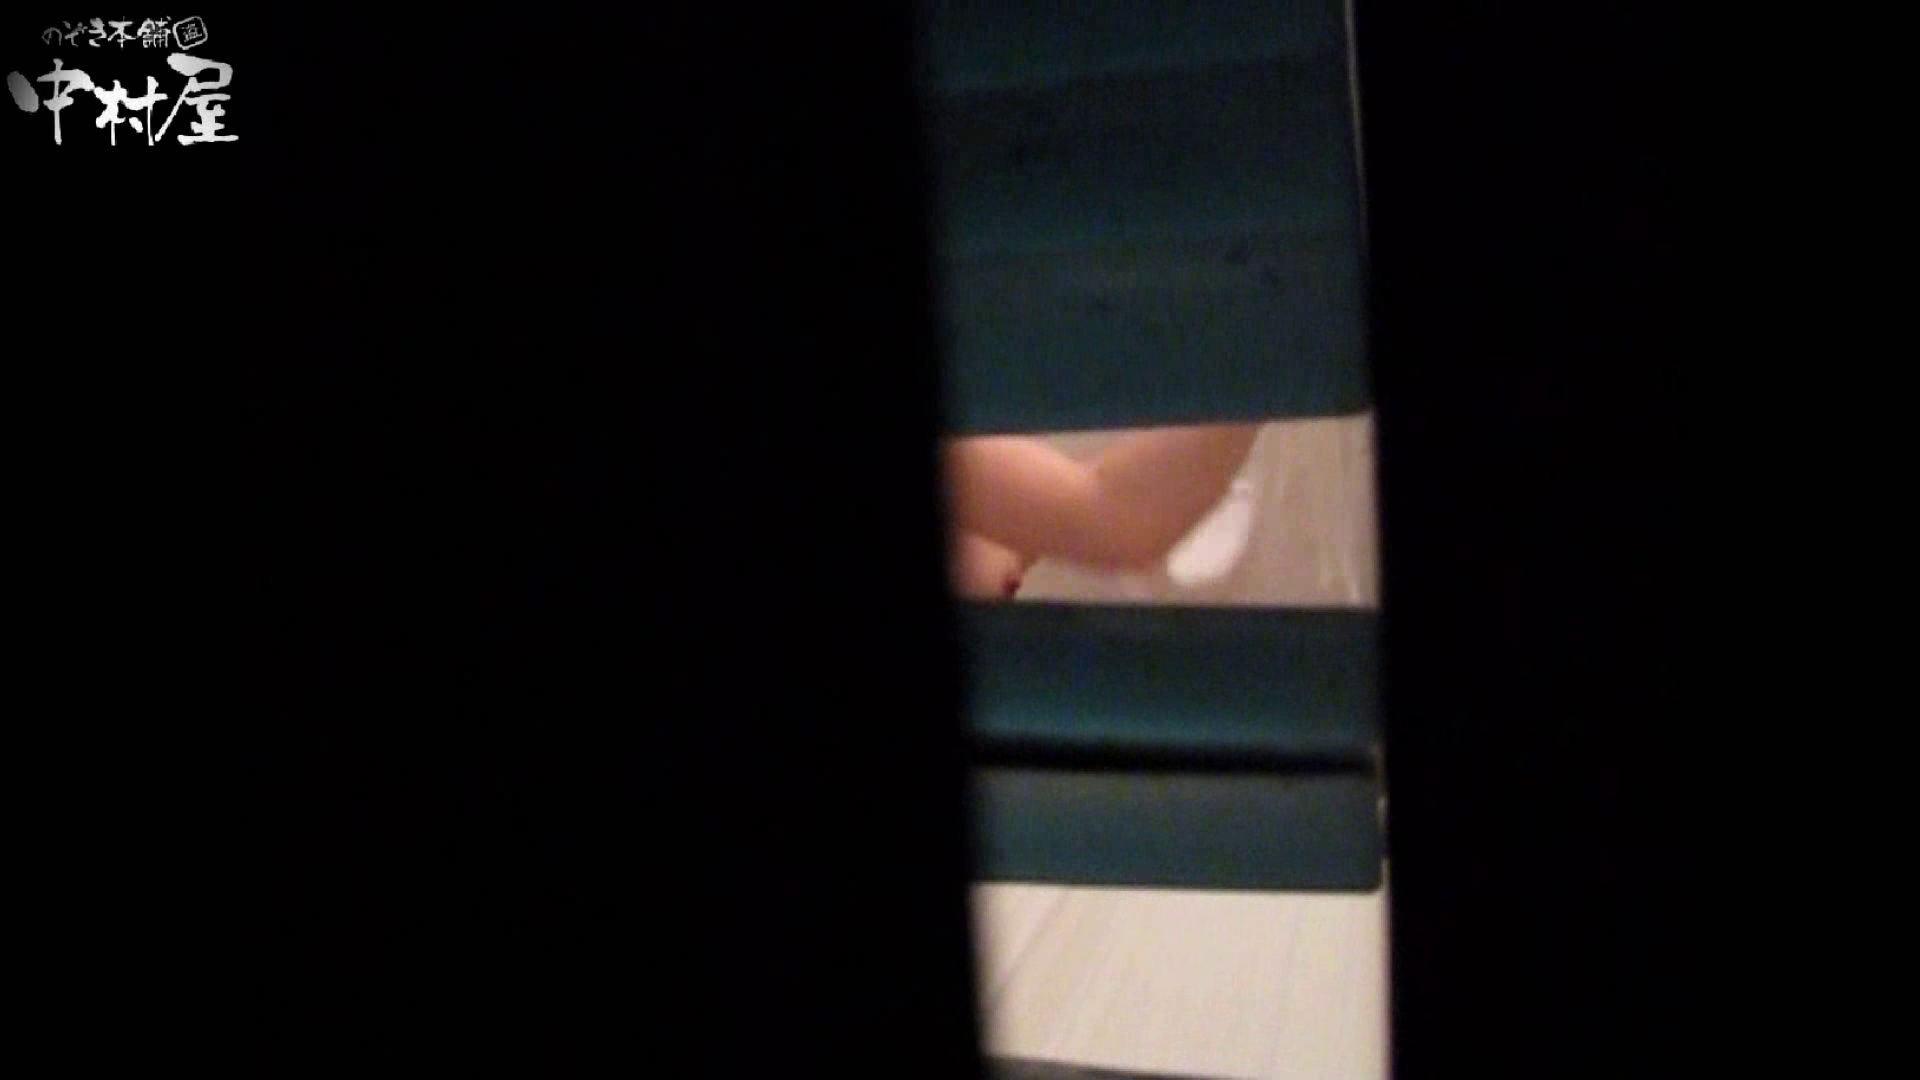 民家風呂専門盗撮師の超危険映像 vol.022 美少女ヌード   民家  63pic 8